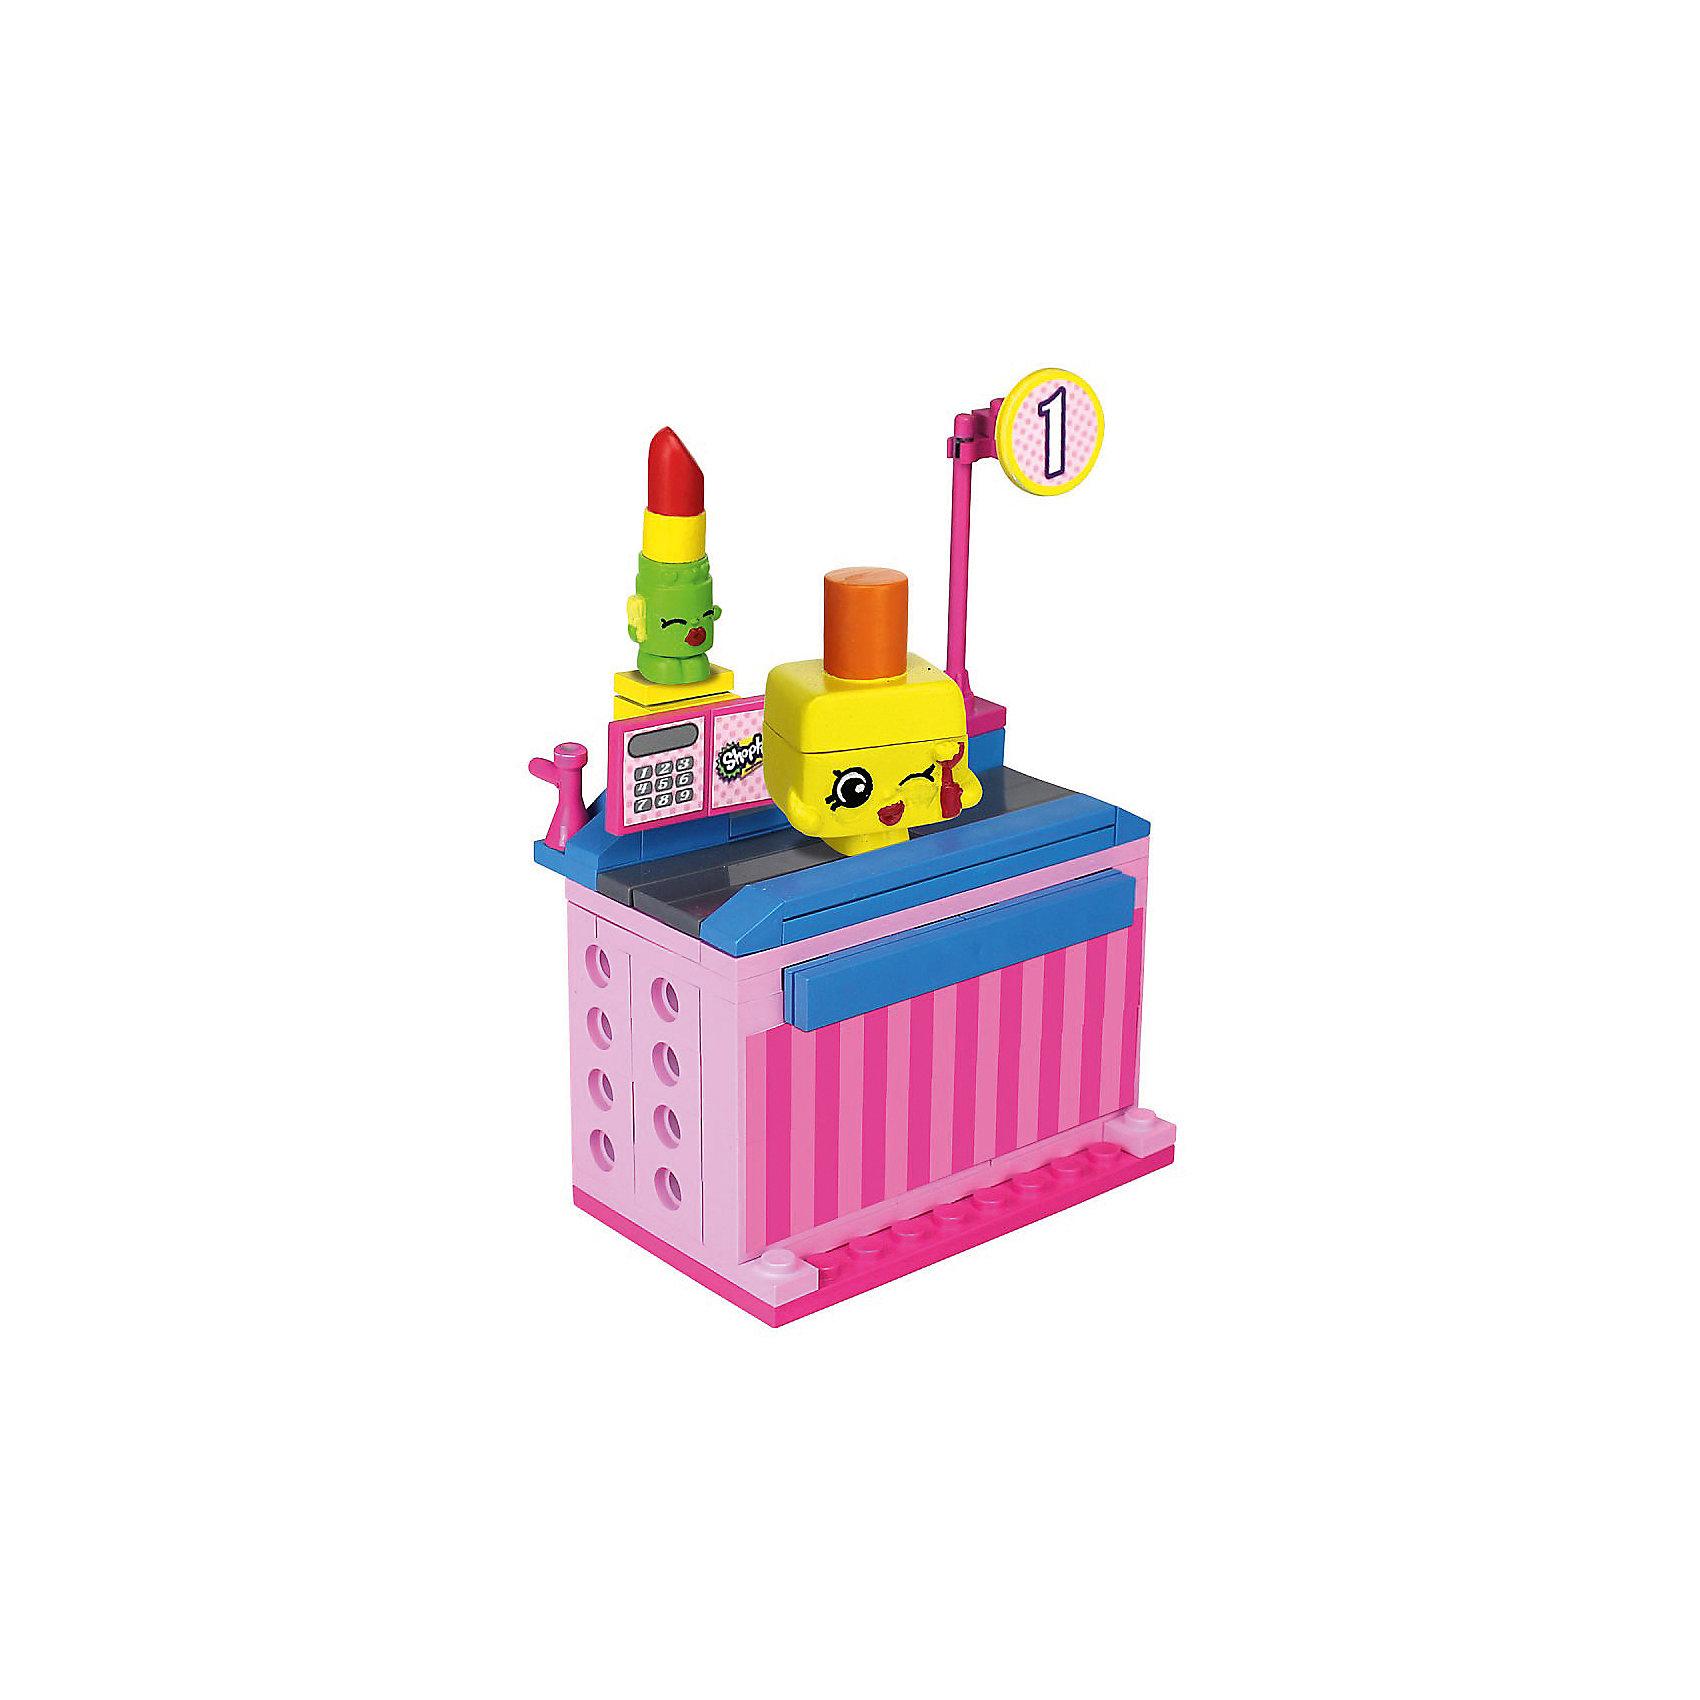 Конструктор «Магазин» Липпи Липс и Polly Polish, ShopkinsЛюбителей конструкторов и мультфильма Shopkins приведет в восторг этот набор - с помощью него можно придумывать множество сюжетов игр с обожаемыми героями. Набор состоит из 62 деталей, из них можно сконструировать кассу. Также в нем есть 2 мини-фигурки, они разбираются и состоят из трех частей. Этот комплект ребенок может использовать в наборе с другими конструкторами от Shopkins Kinstructions от The Bridge Direct и Lego. Конструктор дополнен специальными наклейками, с помощью которых постройки можно украшать! Набор сделан из высококачественных материалов в соответствии со стандартами безопасности.<br><br>Дополнительная информация:<br><br>цвет: разноцветный;<br>материал: пластик;<br>деталей: 62 шт;<br>фигурок: 2 шт.<br><br>Конструктор «Магазин» Липпи Липс и Polly Polish, Shopkins можно купить в нашем магазине.<br><br>Ширина мм: 38<br>Глубина мм: 127<br>Высота мм: 178<br>Вес г: 180<br>Возраст от месяцев: 72<br>Возраст до месяцев: 120<br>Пол: Женский<br>Возраст: Детский<br>SKU: 4924450